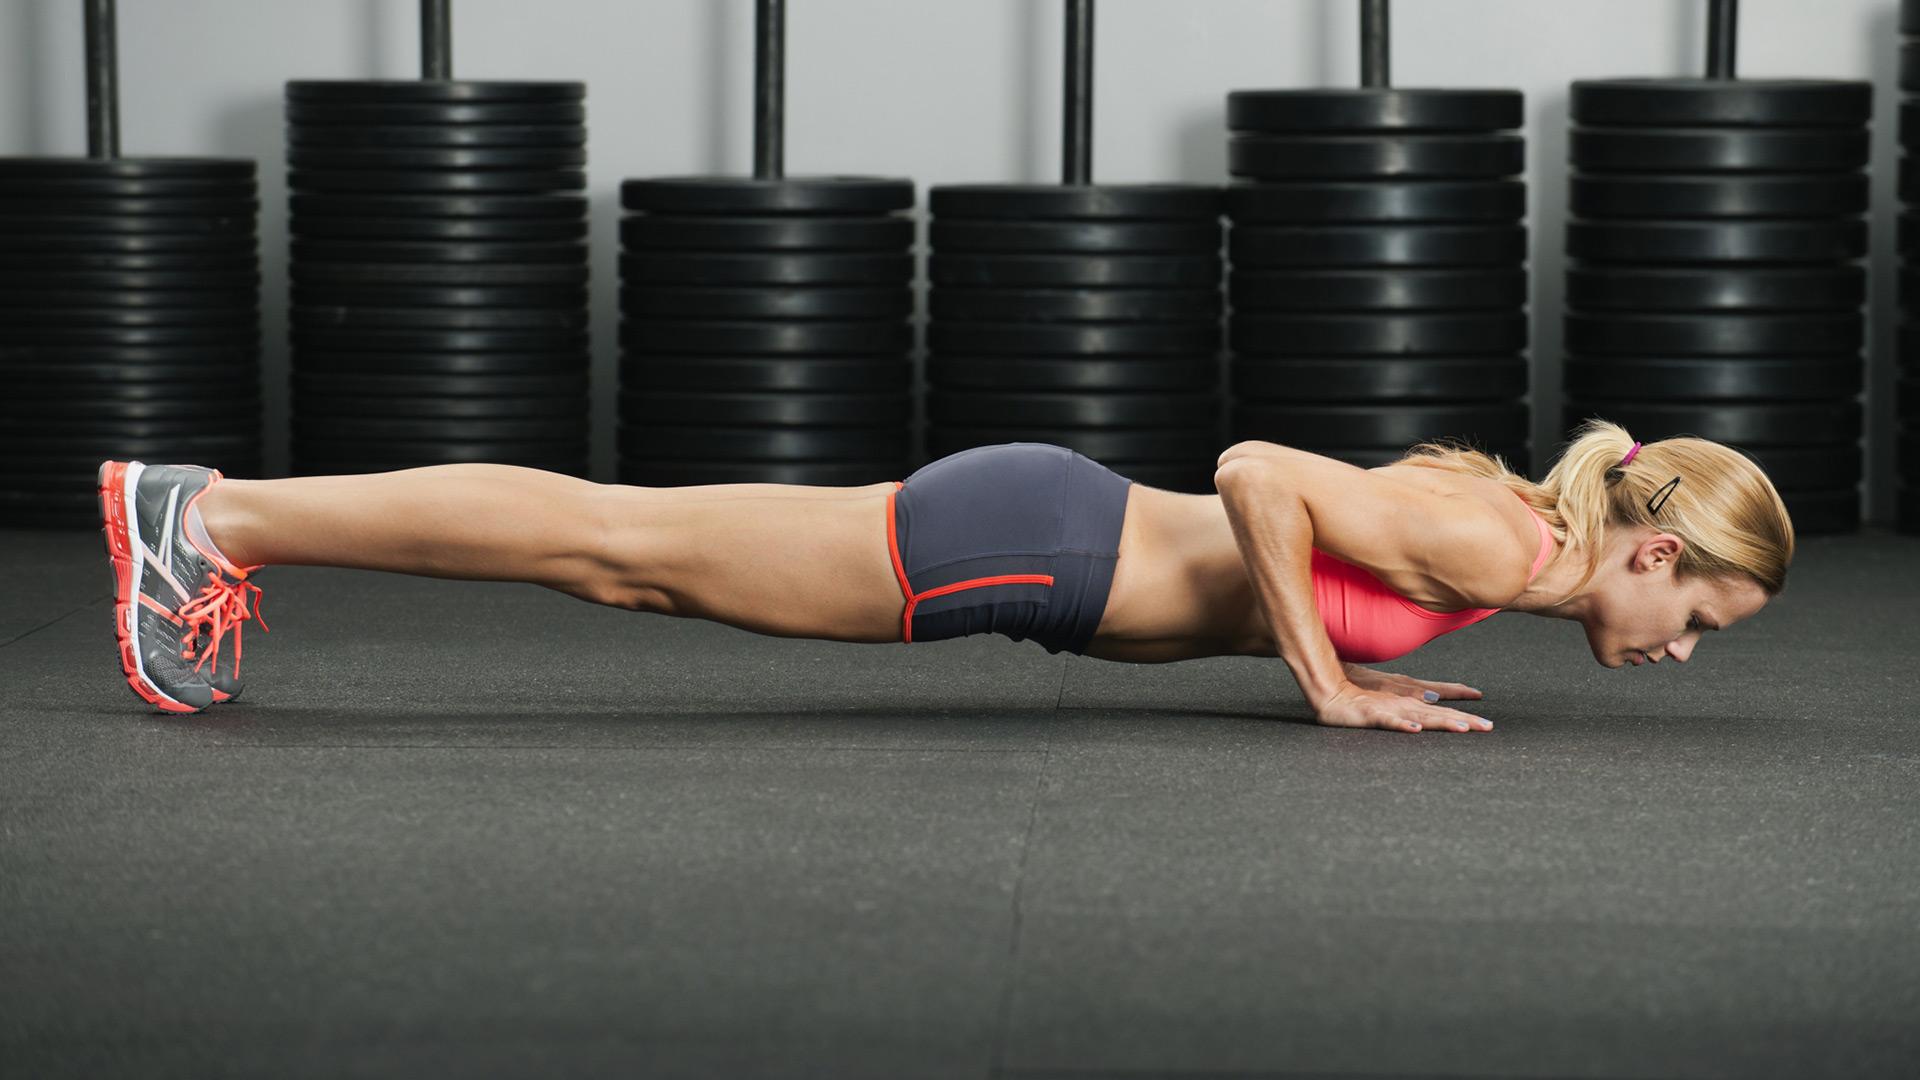 Woman doing pushups | Sheknows.com